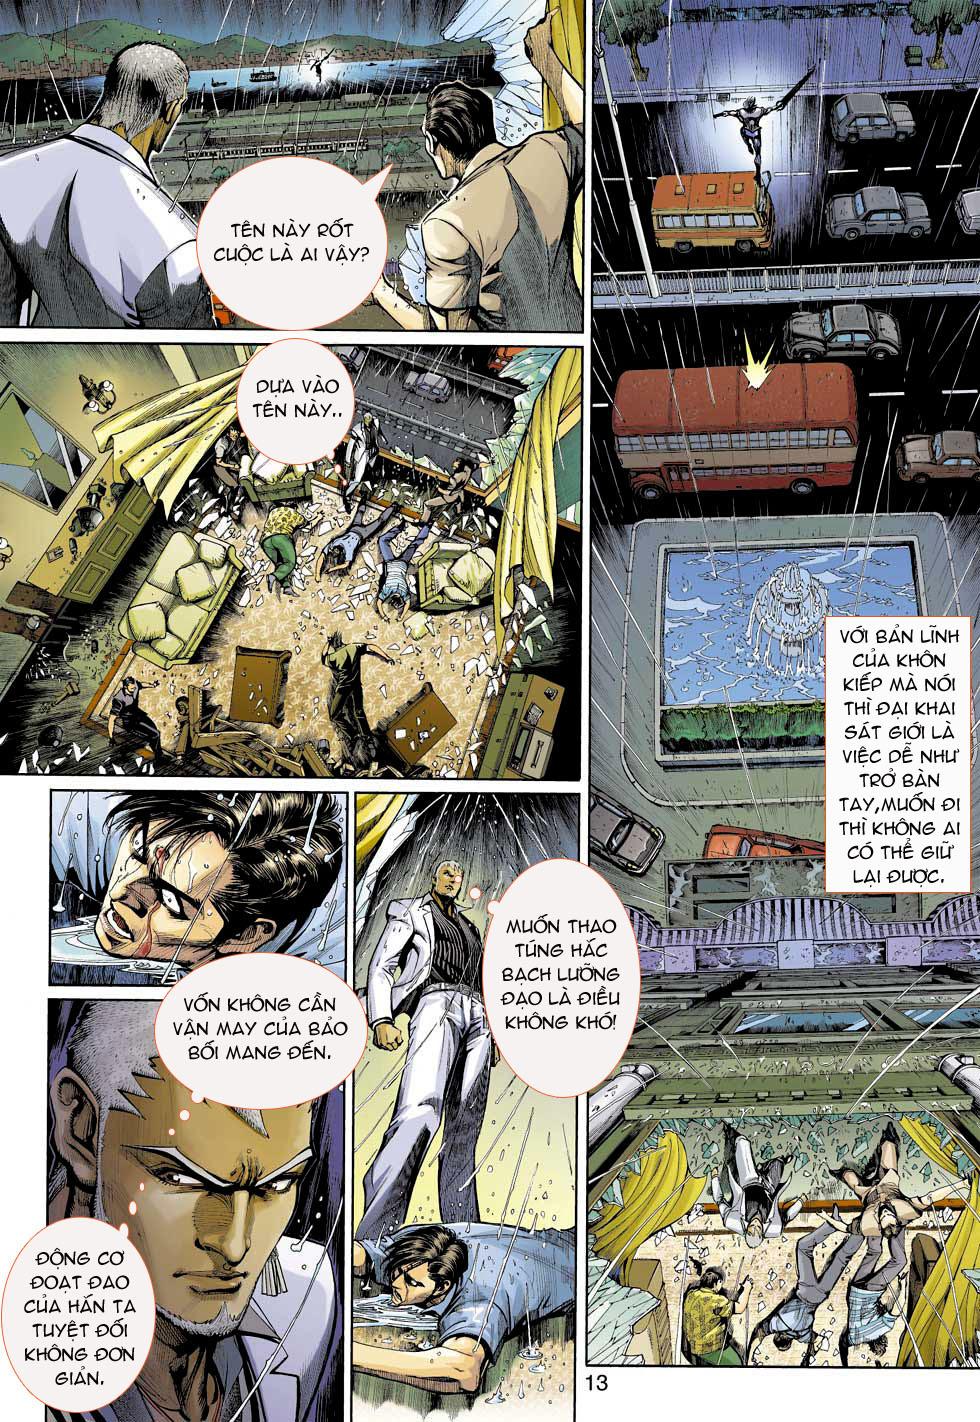 Thần Binh 4 chap 3 - Trang 13